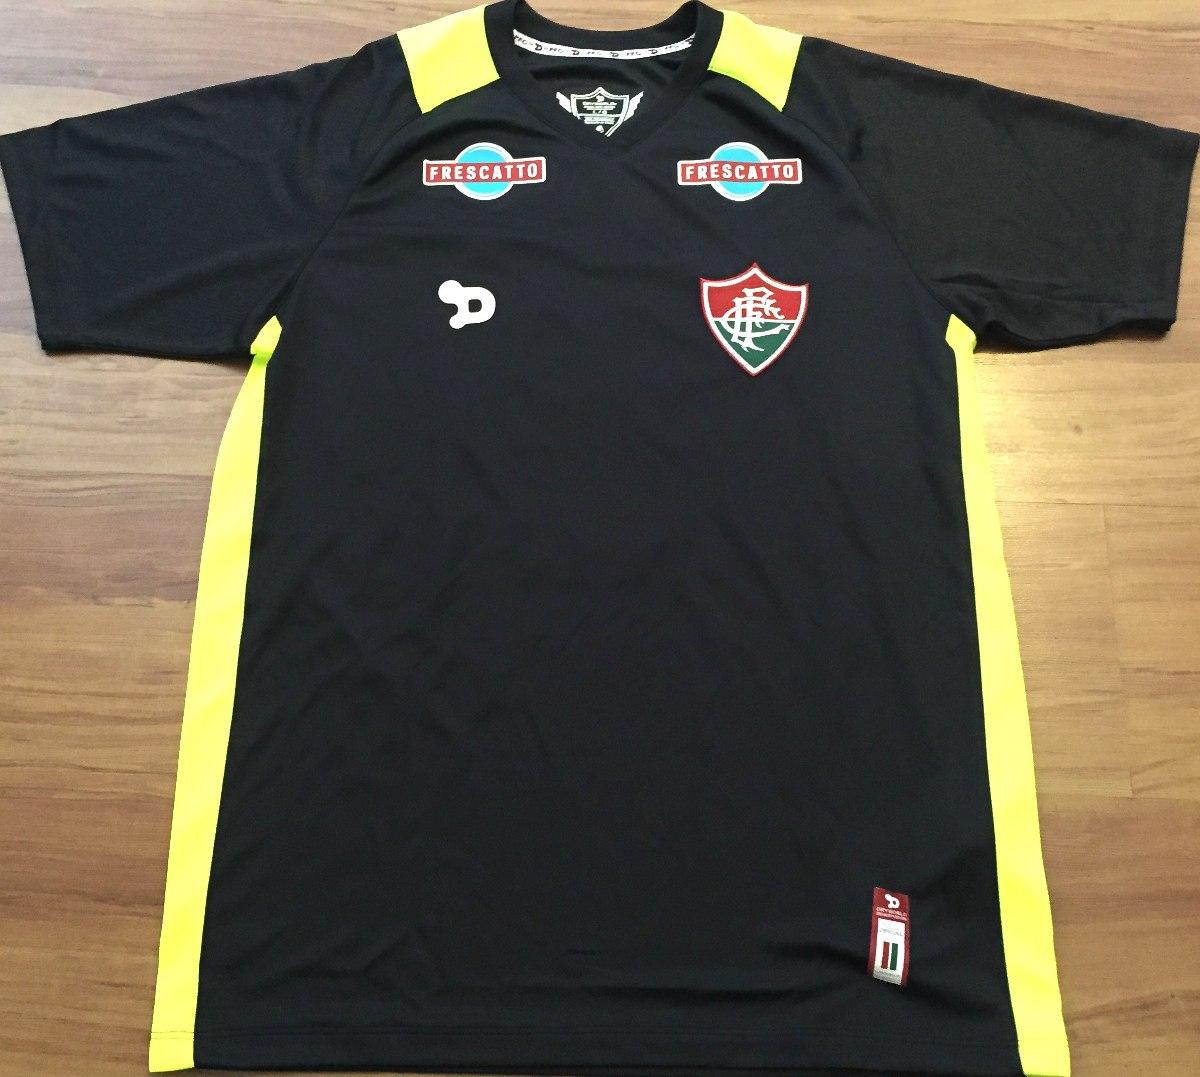 camisa fluminense brasileirão 2016 goleiro jogo. Carregando zoom. 7c6098467436c